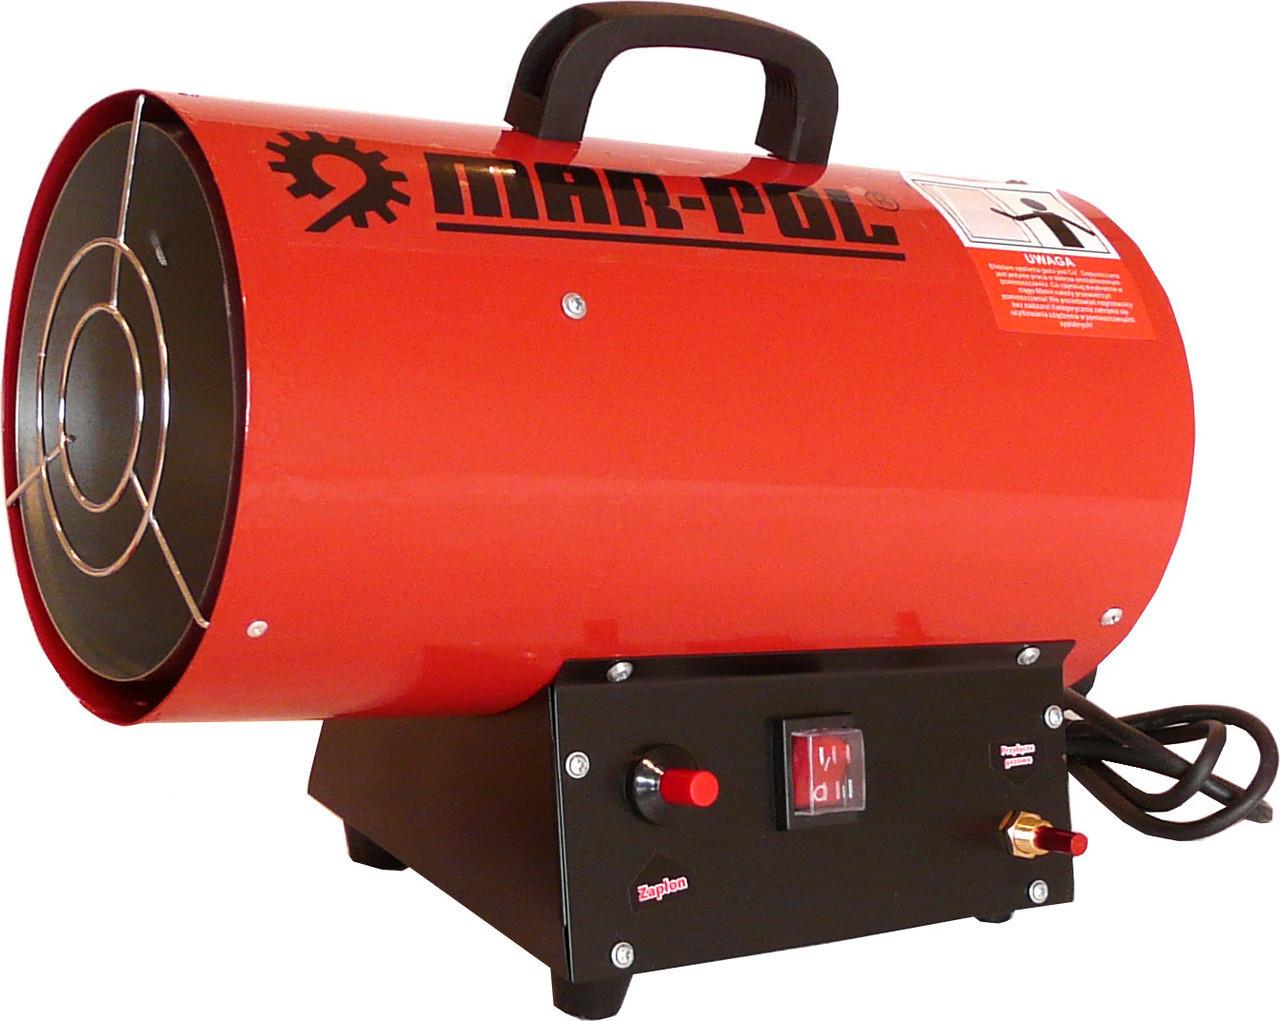 Газовий нагрівач MAR-POL M80925